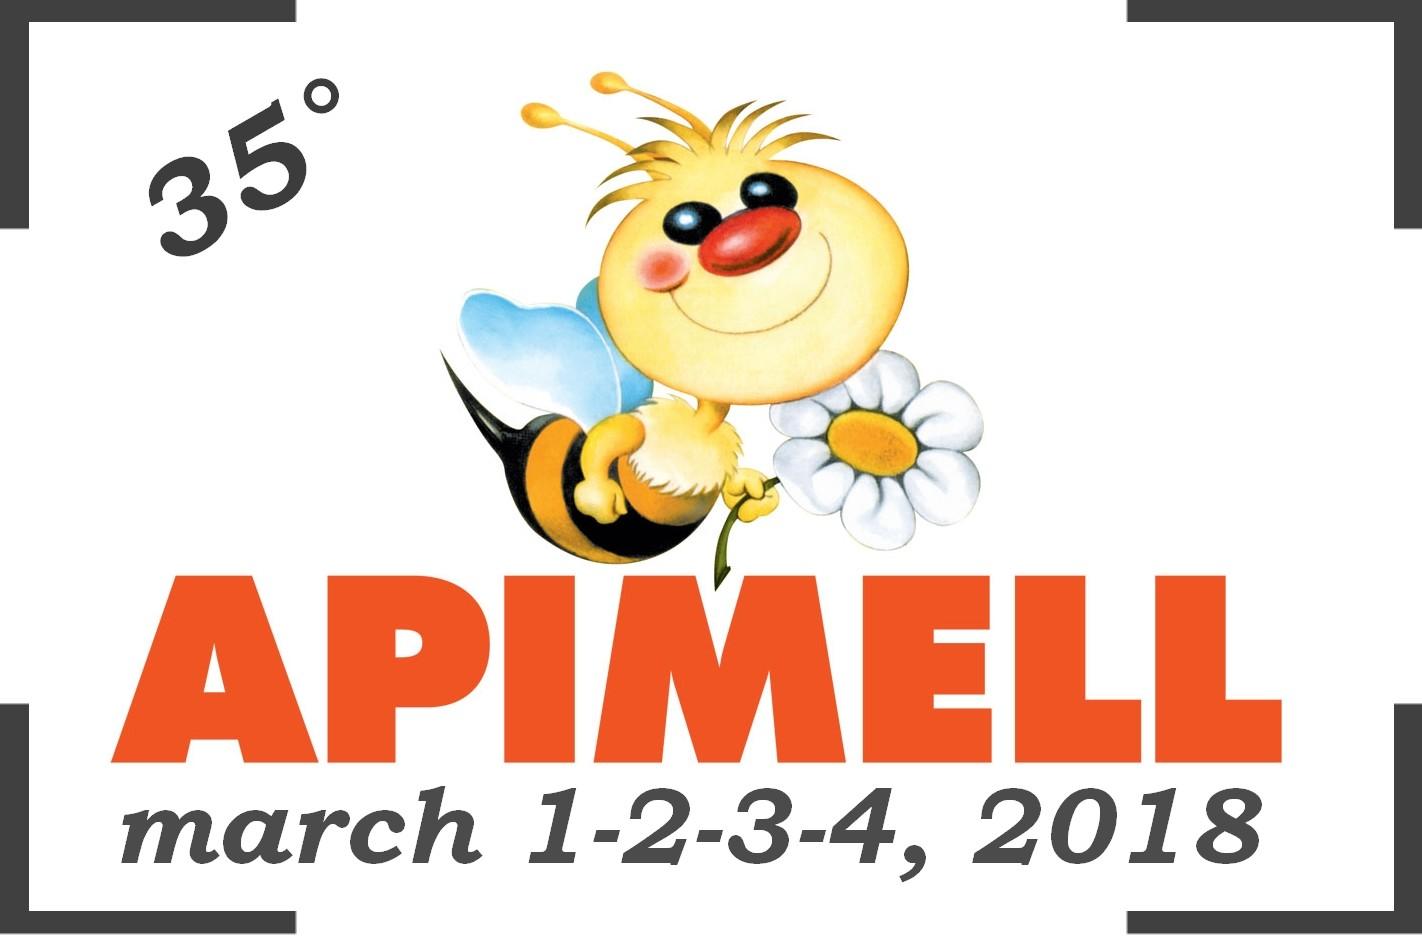 APIMELL, Mostra Mercato Internazionale di Apicoltura dei Prodotti e delle Attrezzature Apistiche